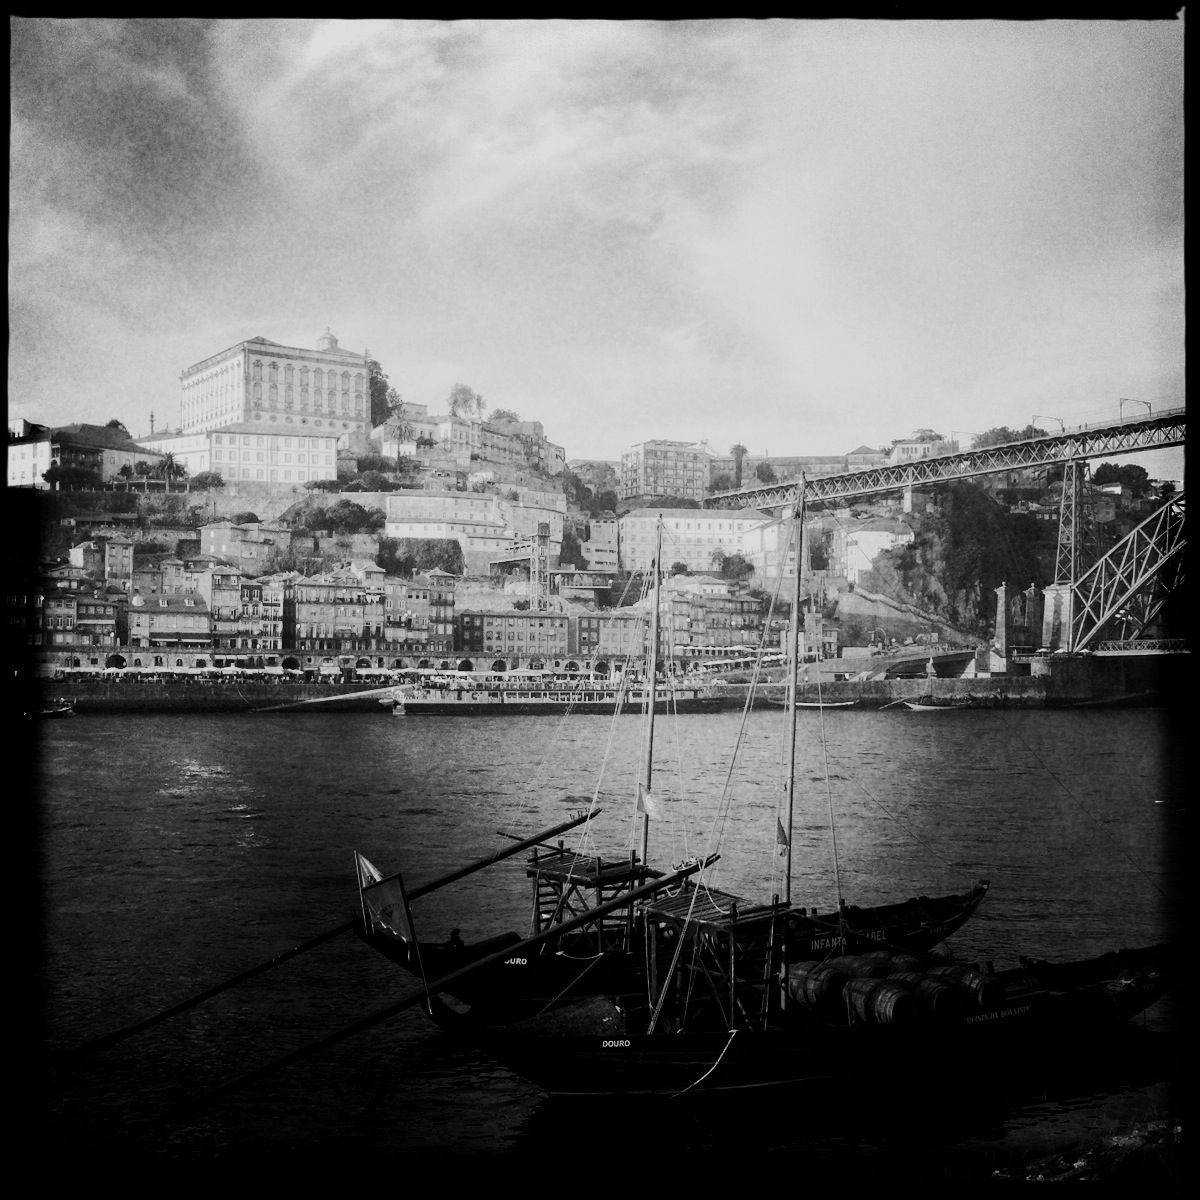 Die Stadt am Douro ist die vielleicht stolzeste und würdevollste, die ich in Europa gesehen habe